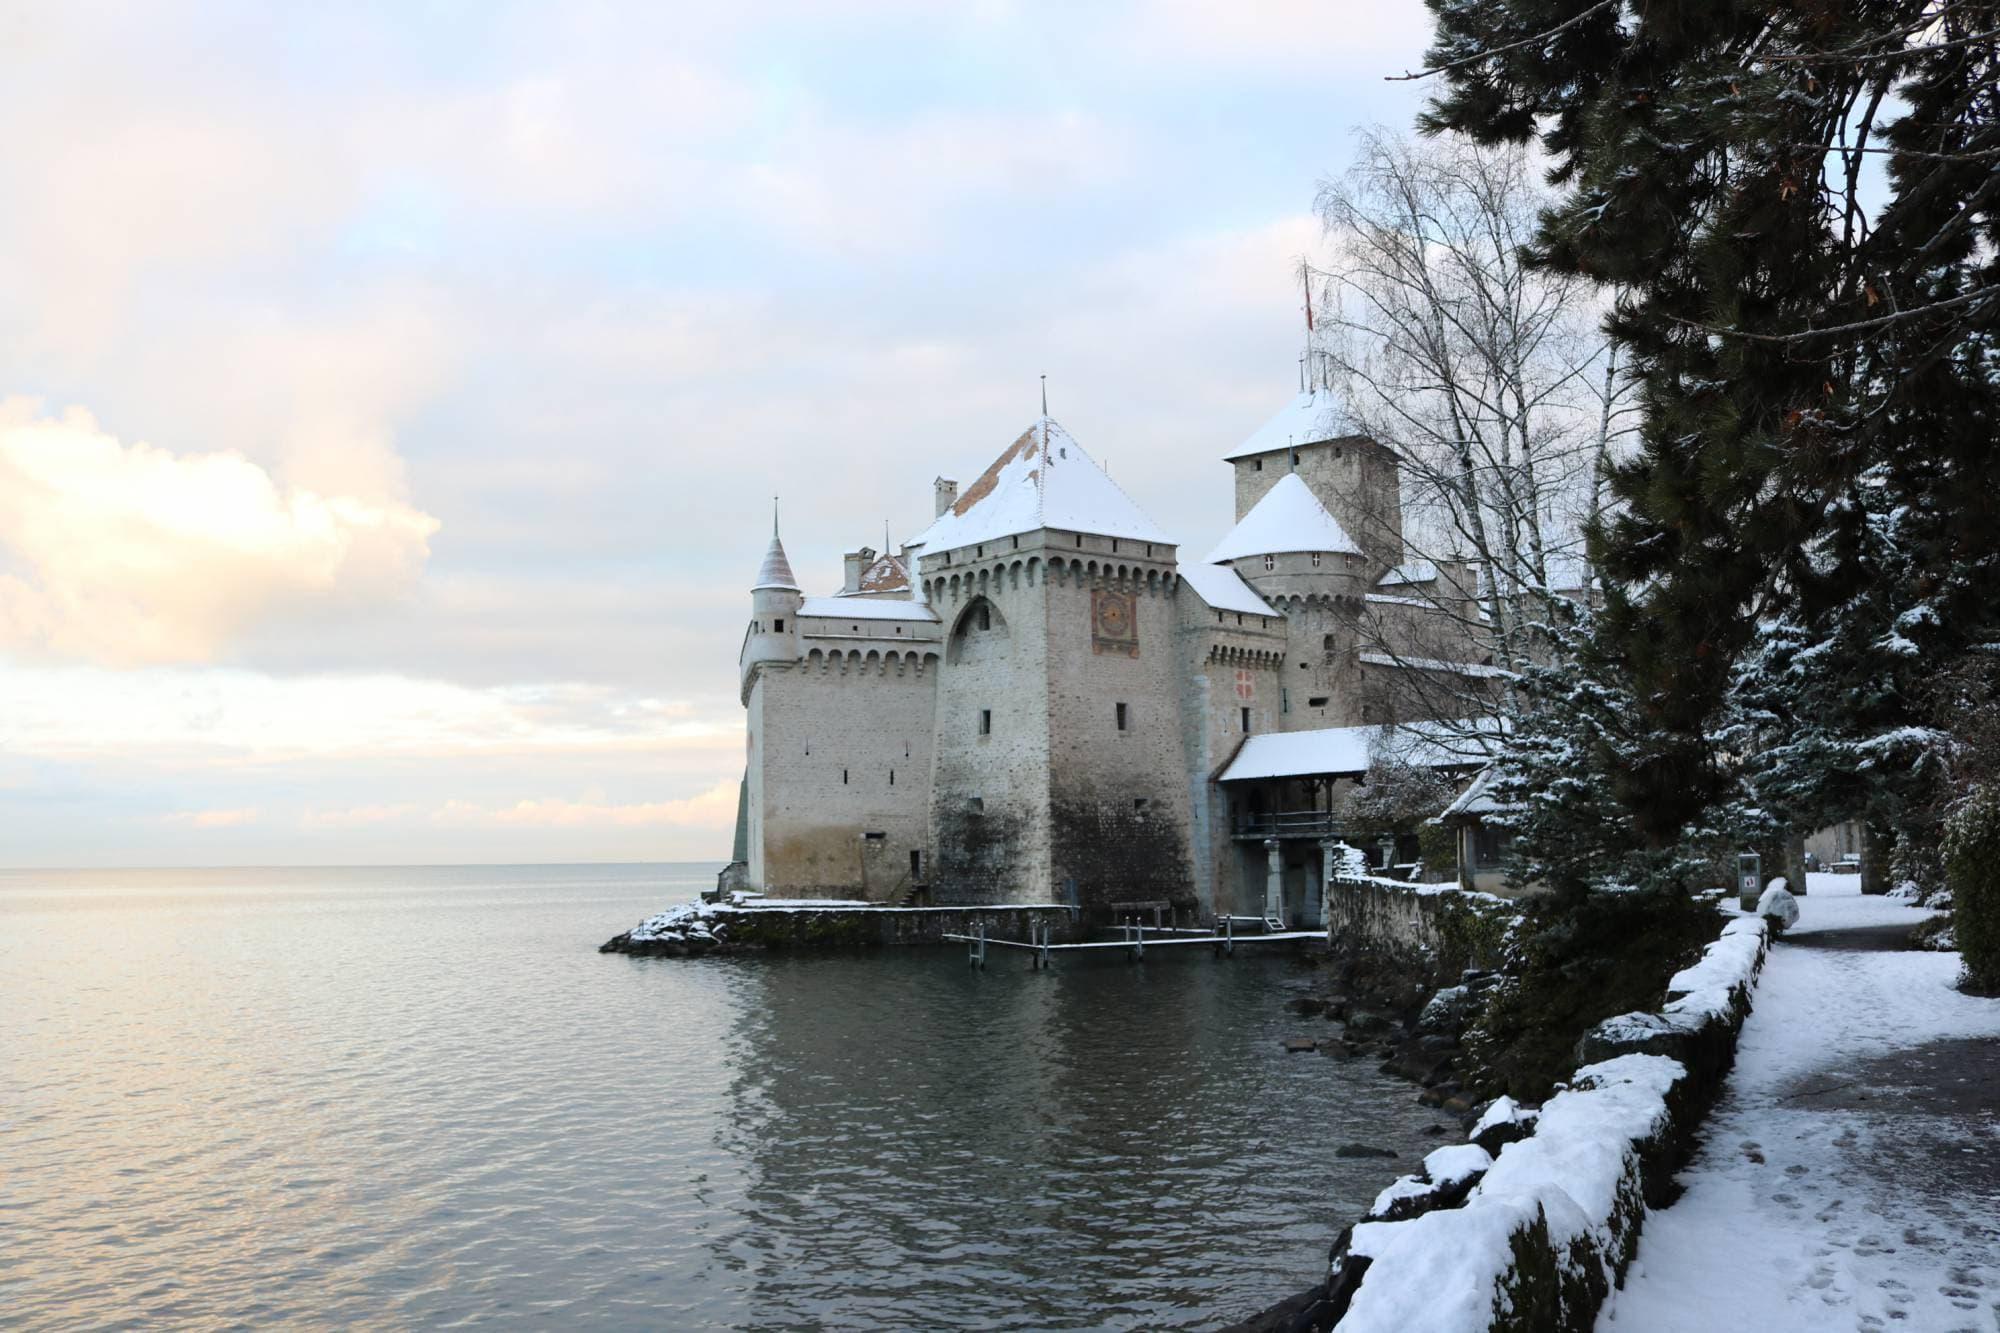 Montreux Noël Christmas At The Castle Chillon